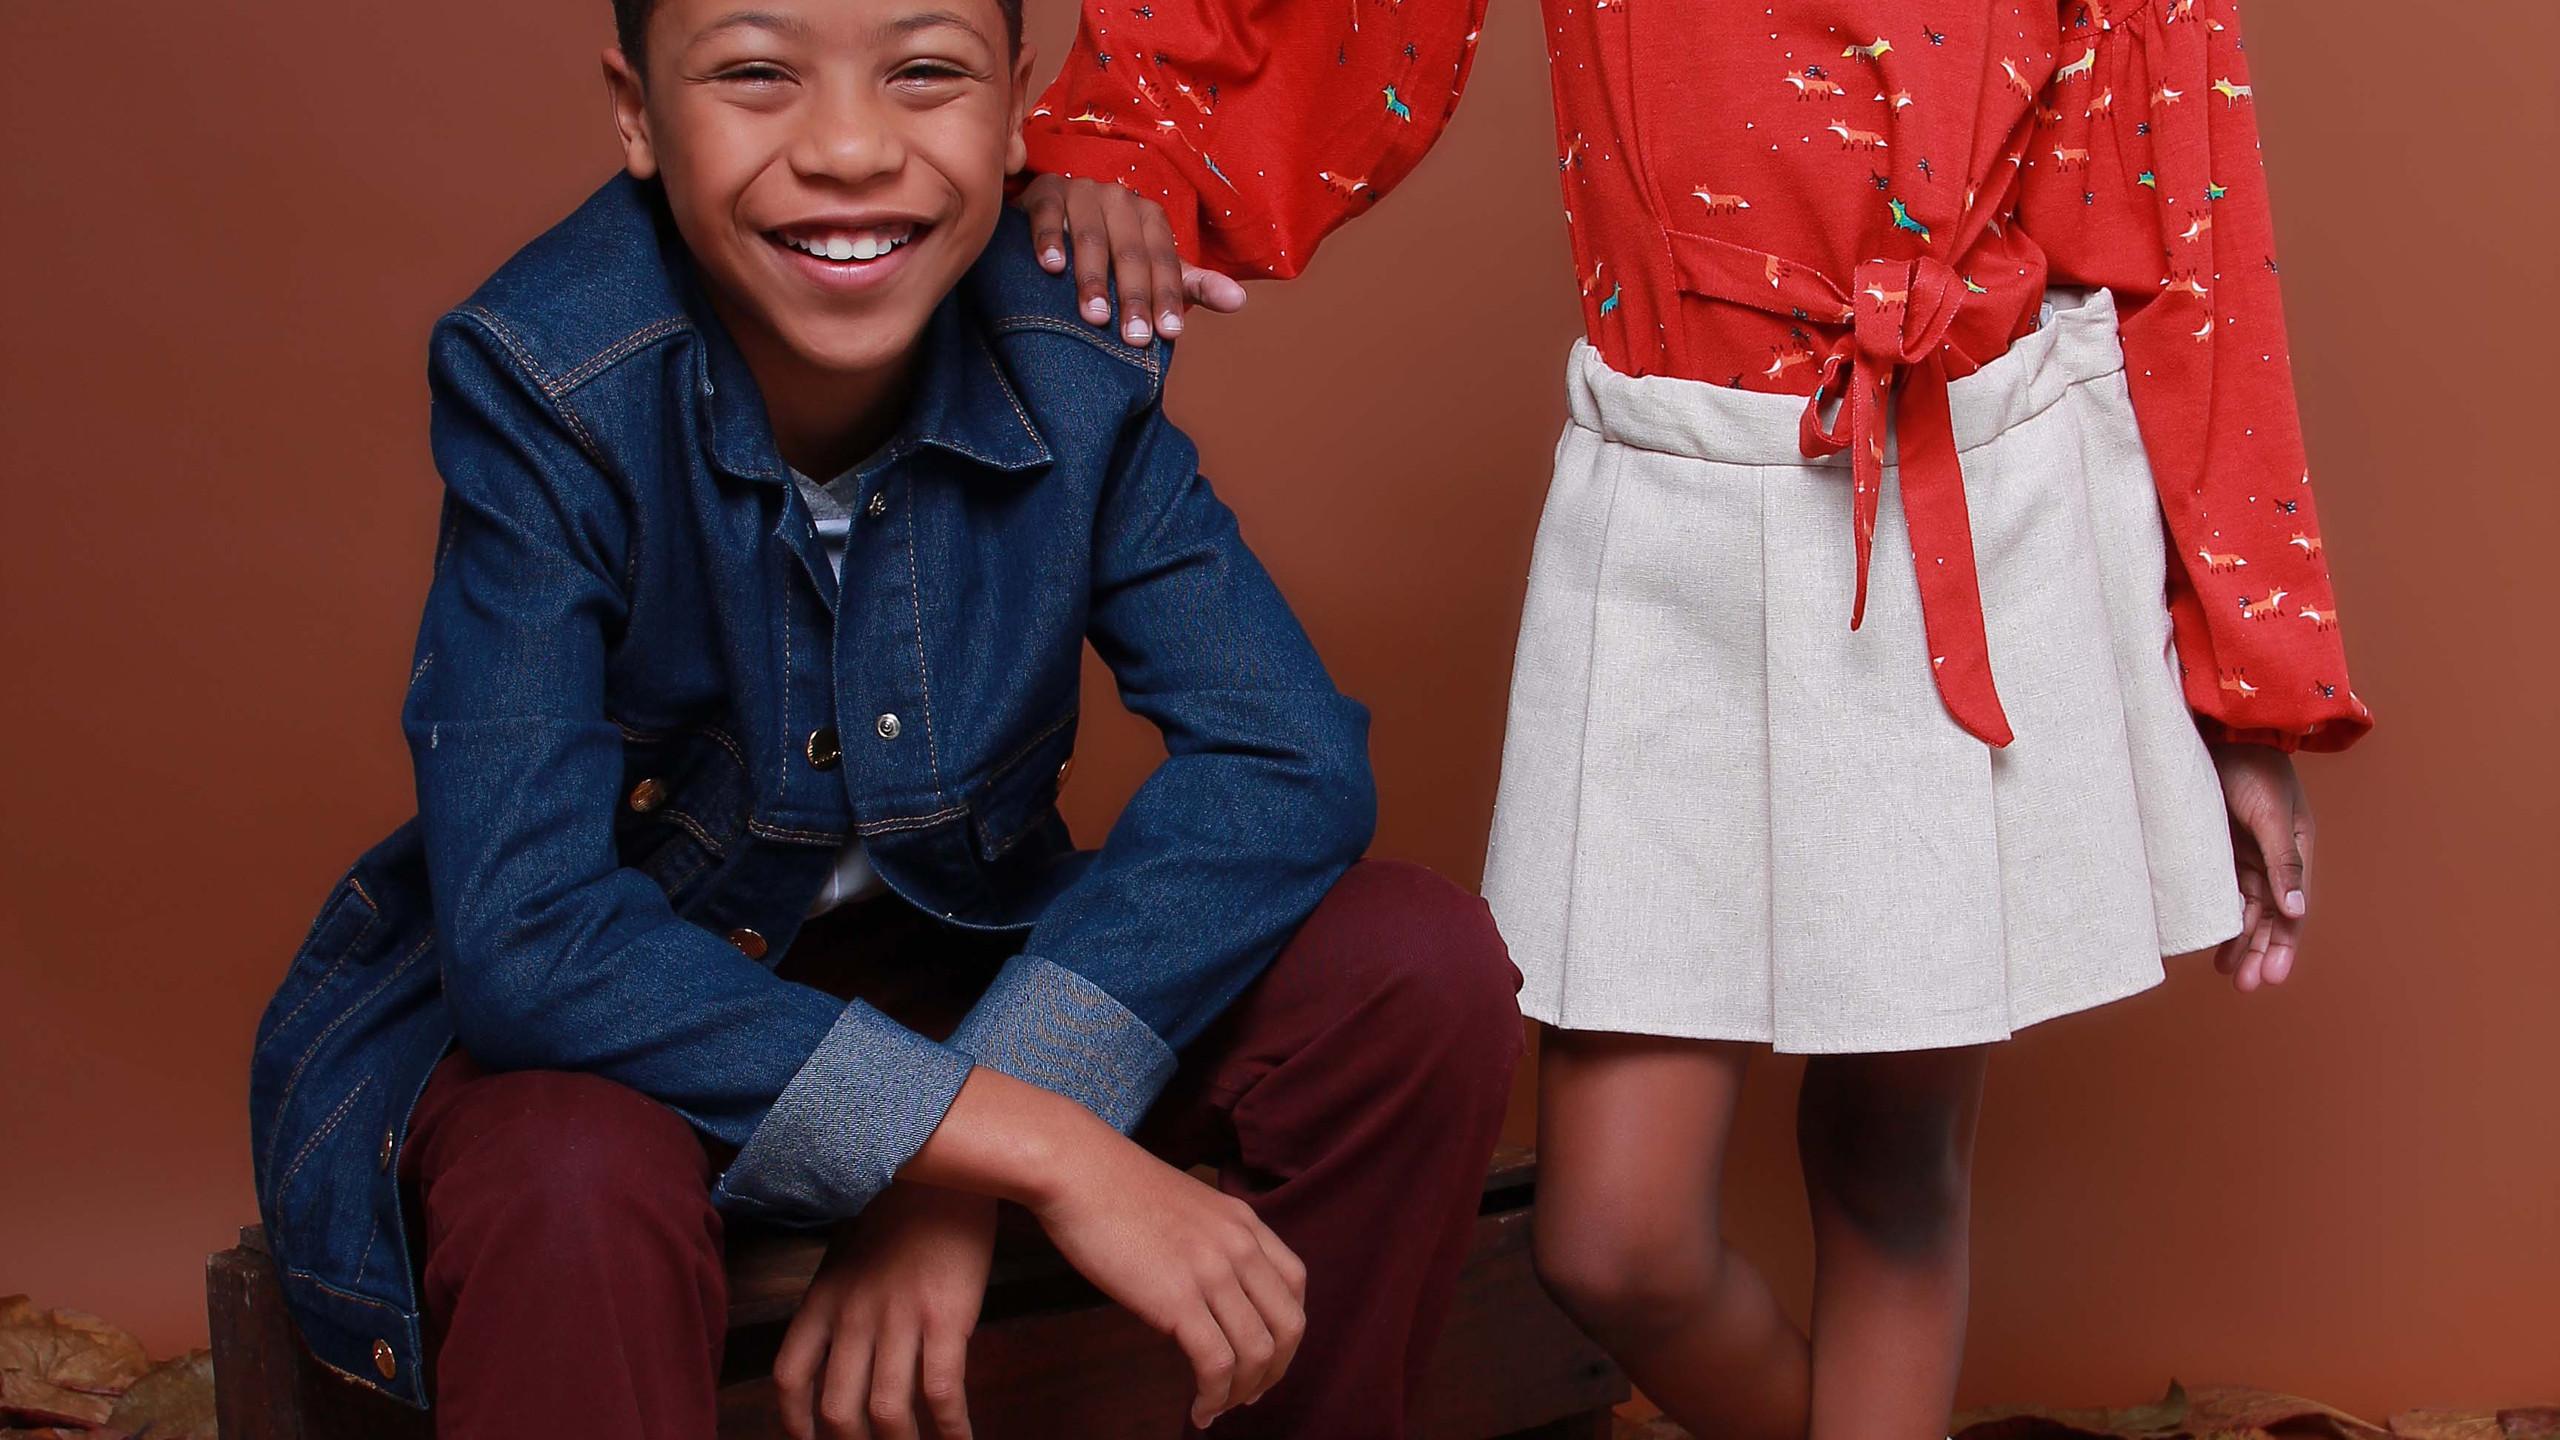 Menina veste: Tiara: acervo, Blusa e Saia: Camu Camu, Tênis: Bibi. Menino veste: Blazer: Amapô Jeans (acervo), Blusa: Gijo, Tênis: Converse, Calça: Okyside e Meia: Cantarola (acervo).